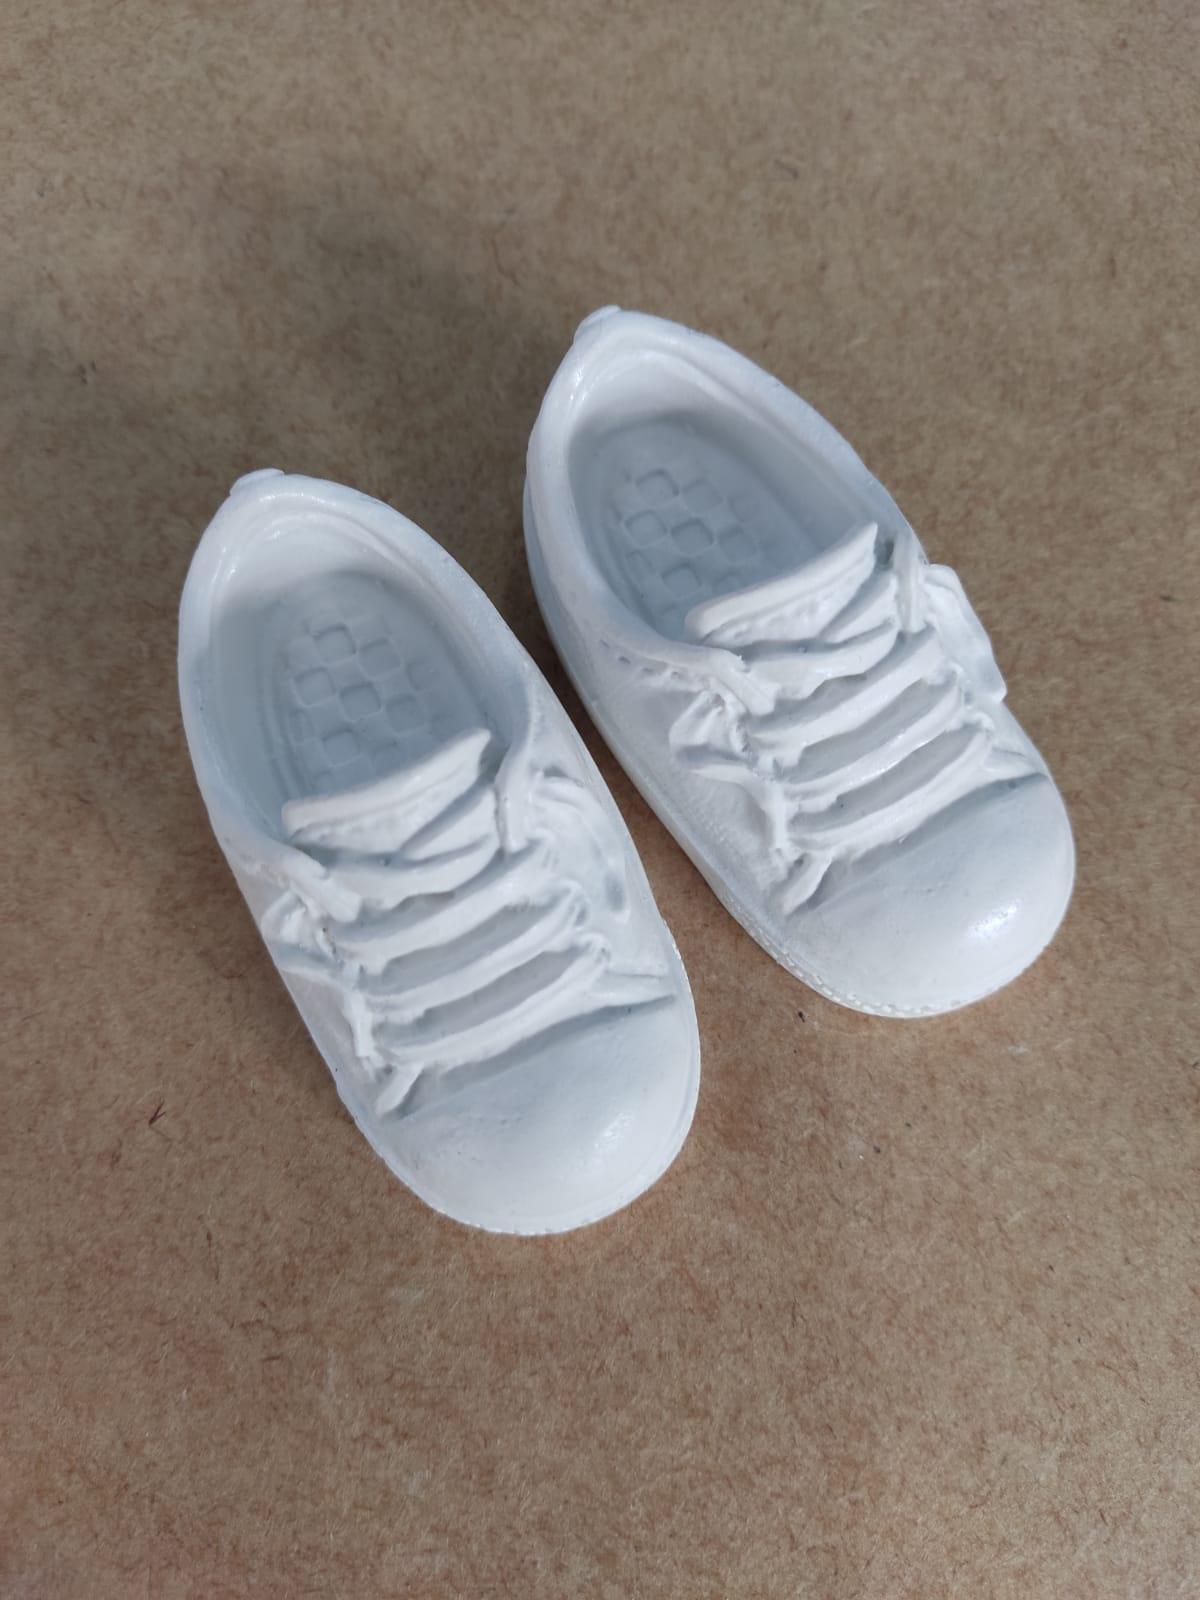 Aplique em Resina - Sapatinho de  Bebê Masculino 7,5x3,5